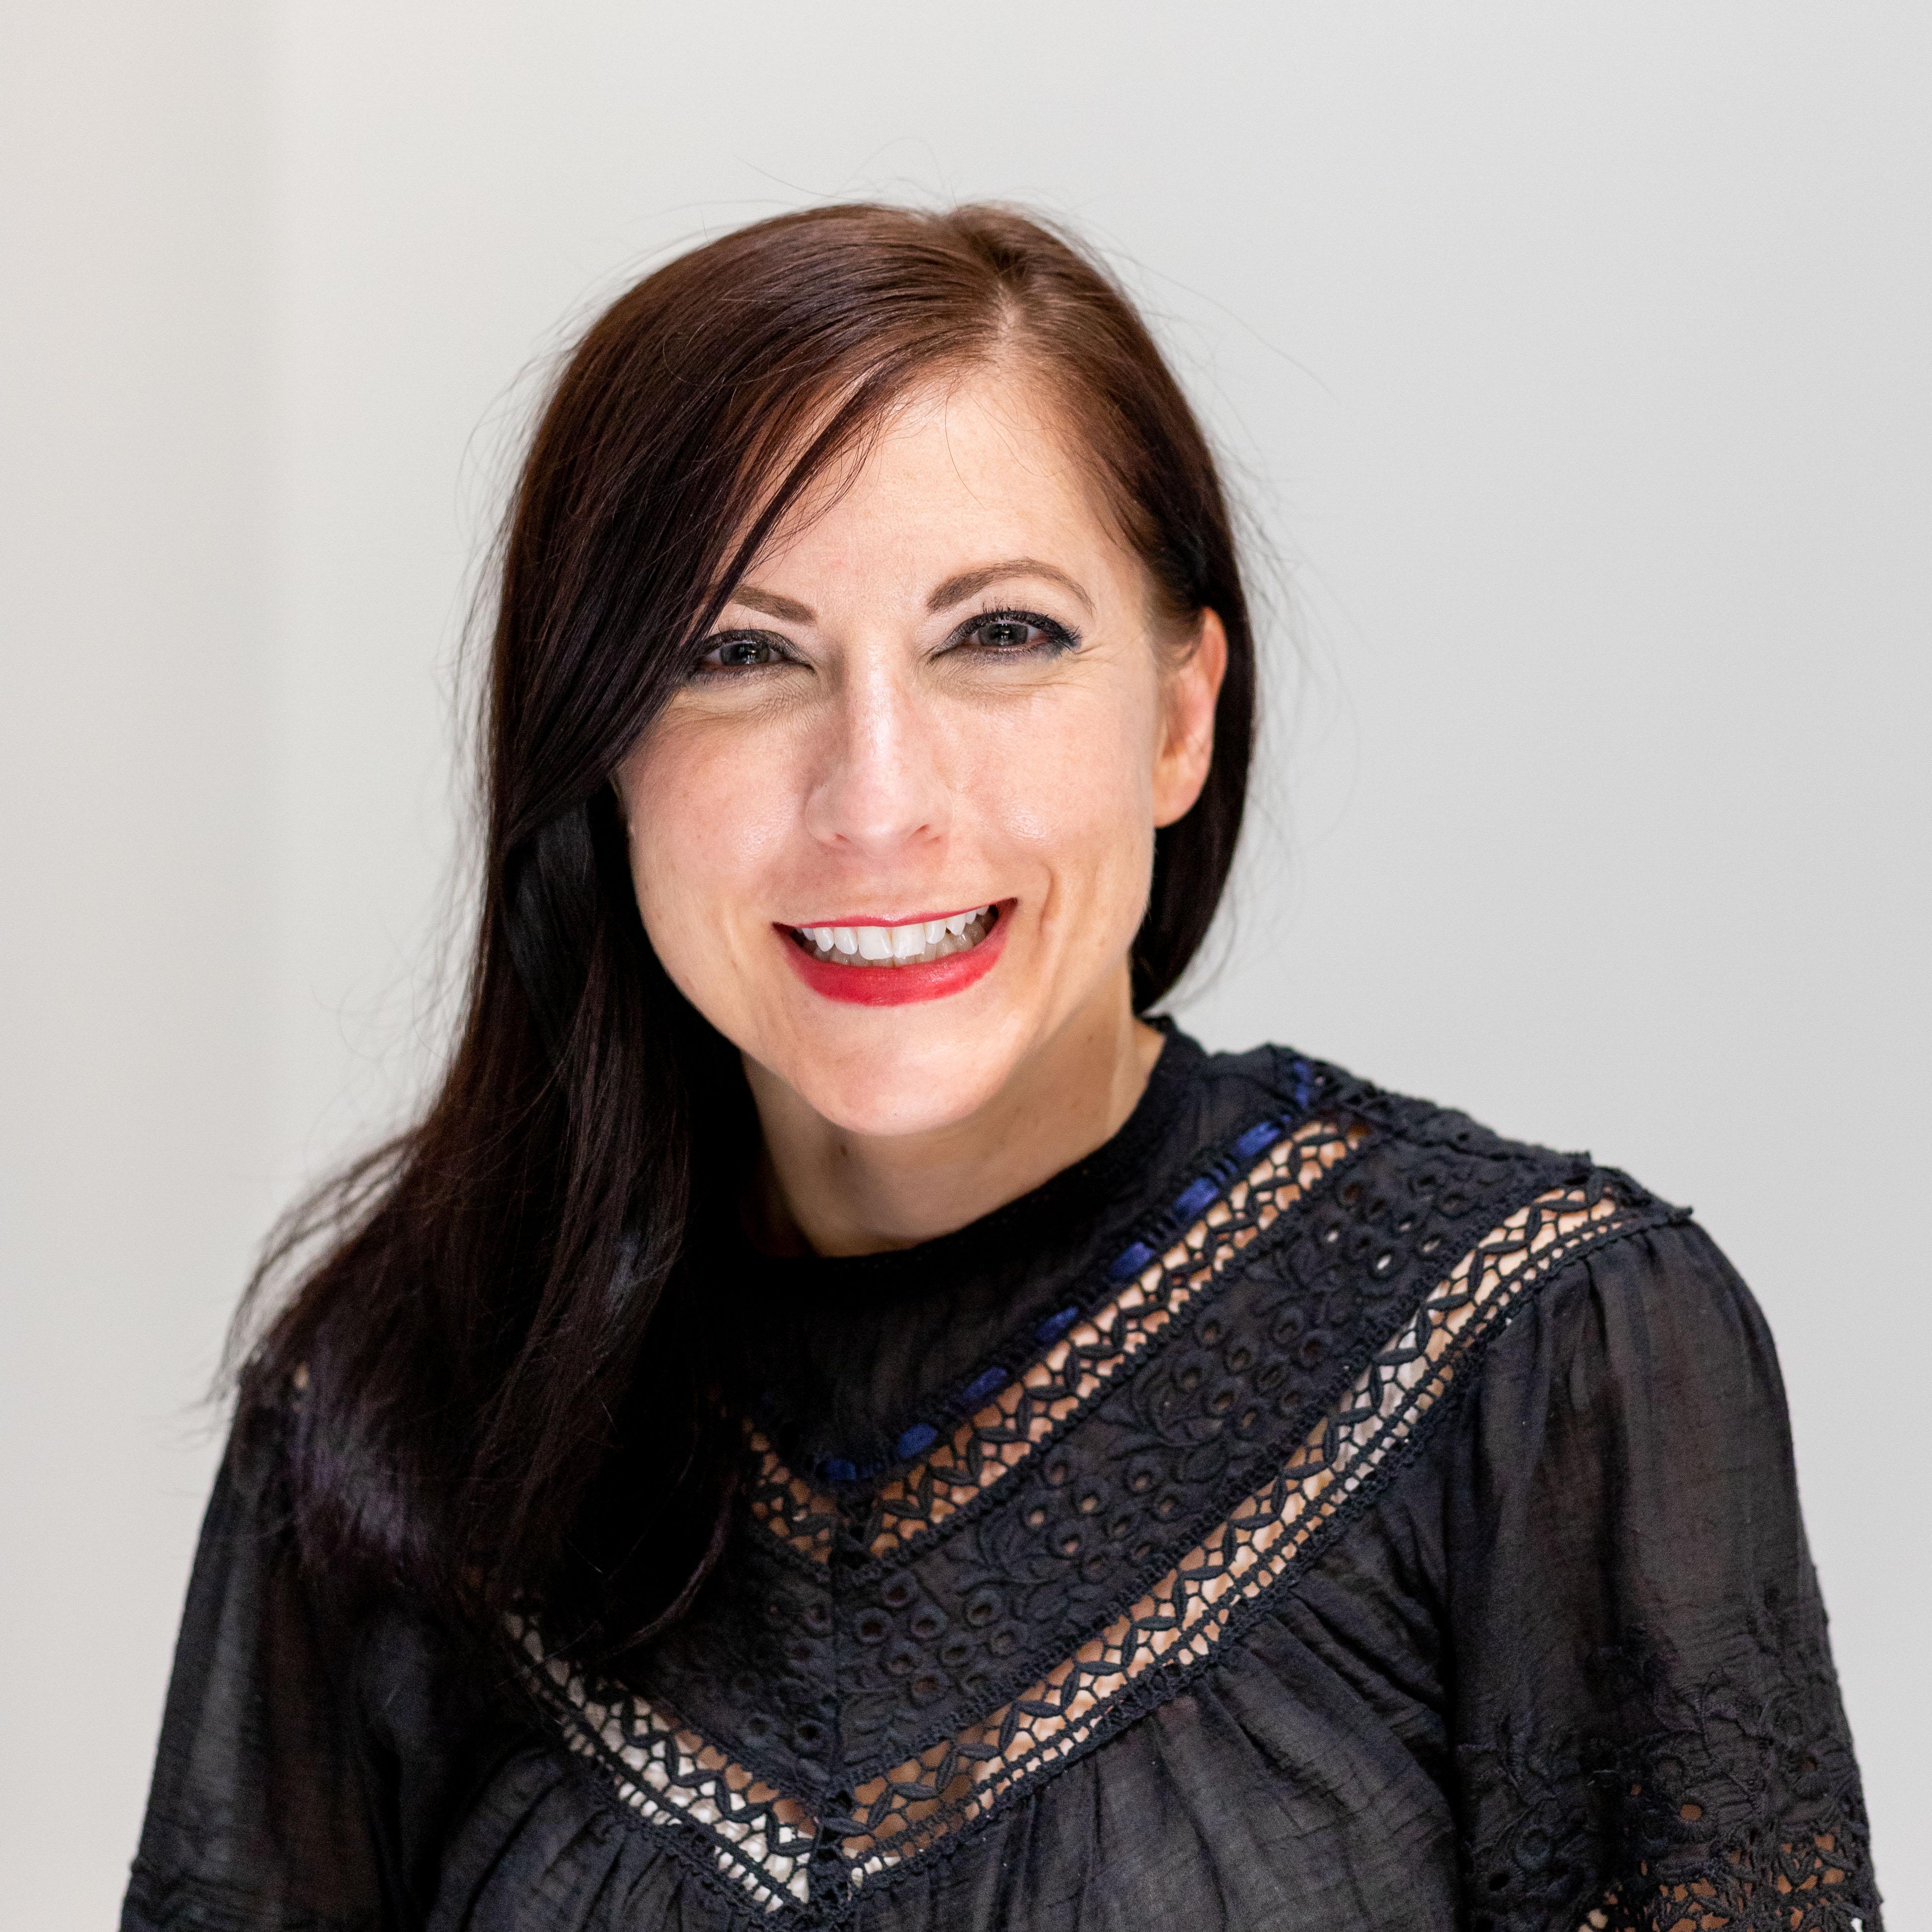 Elizabeth Schutz